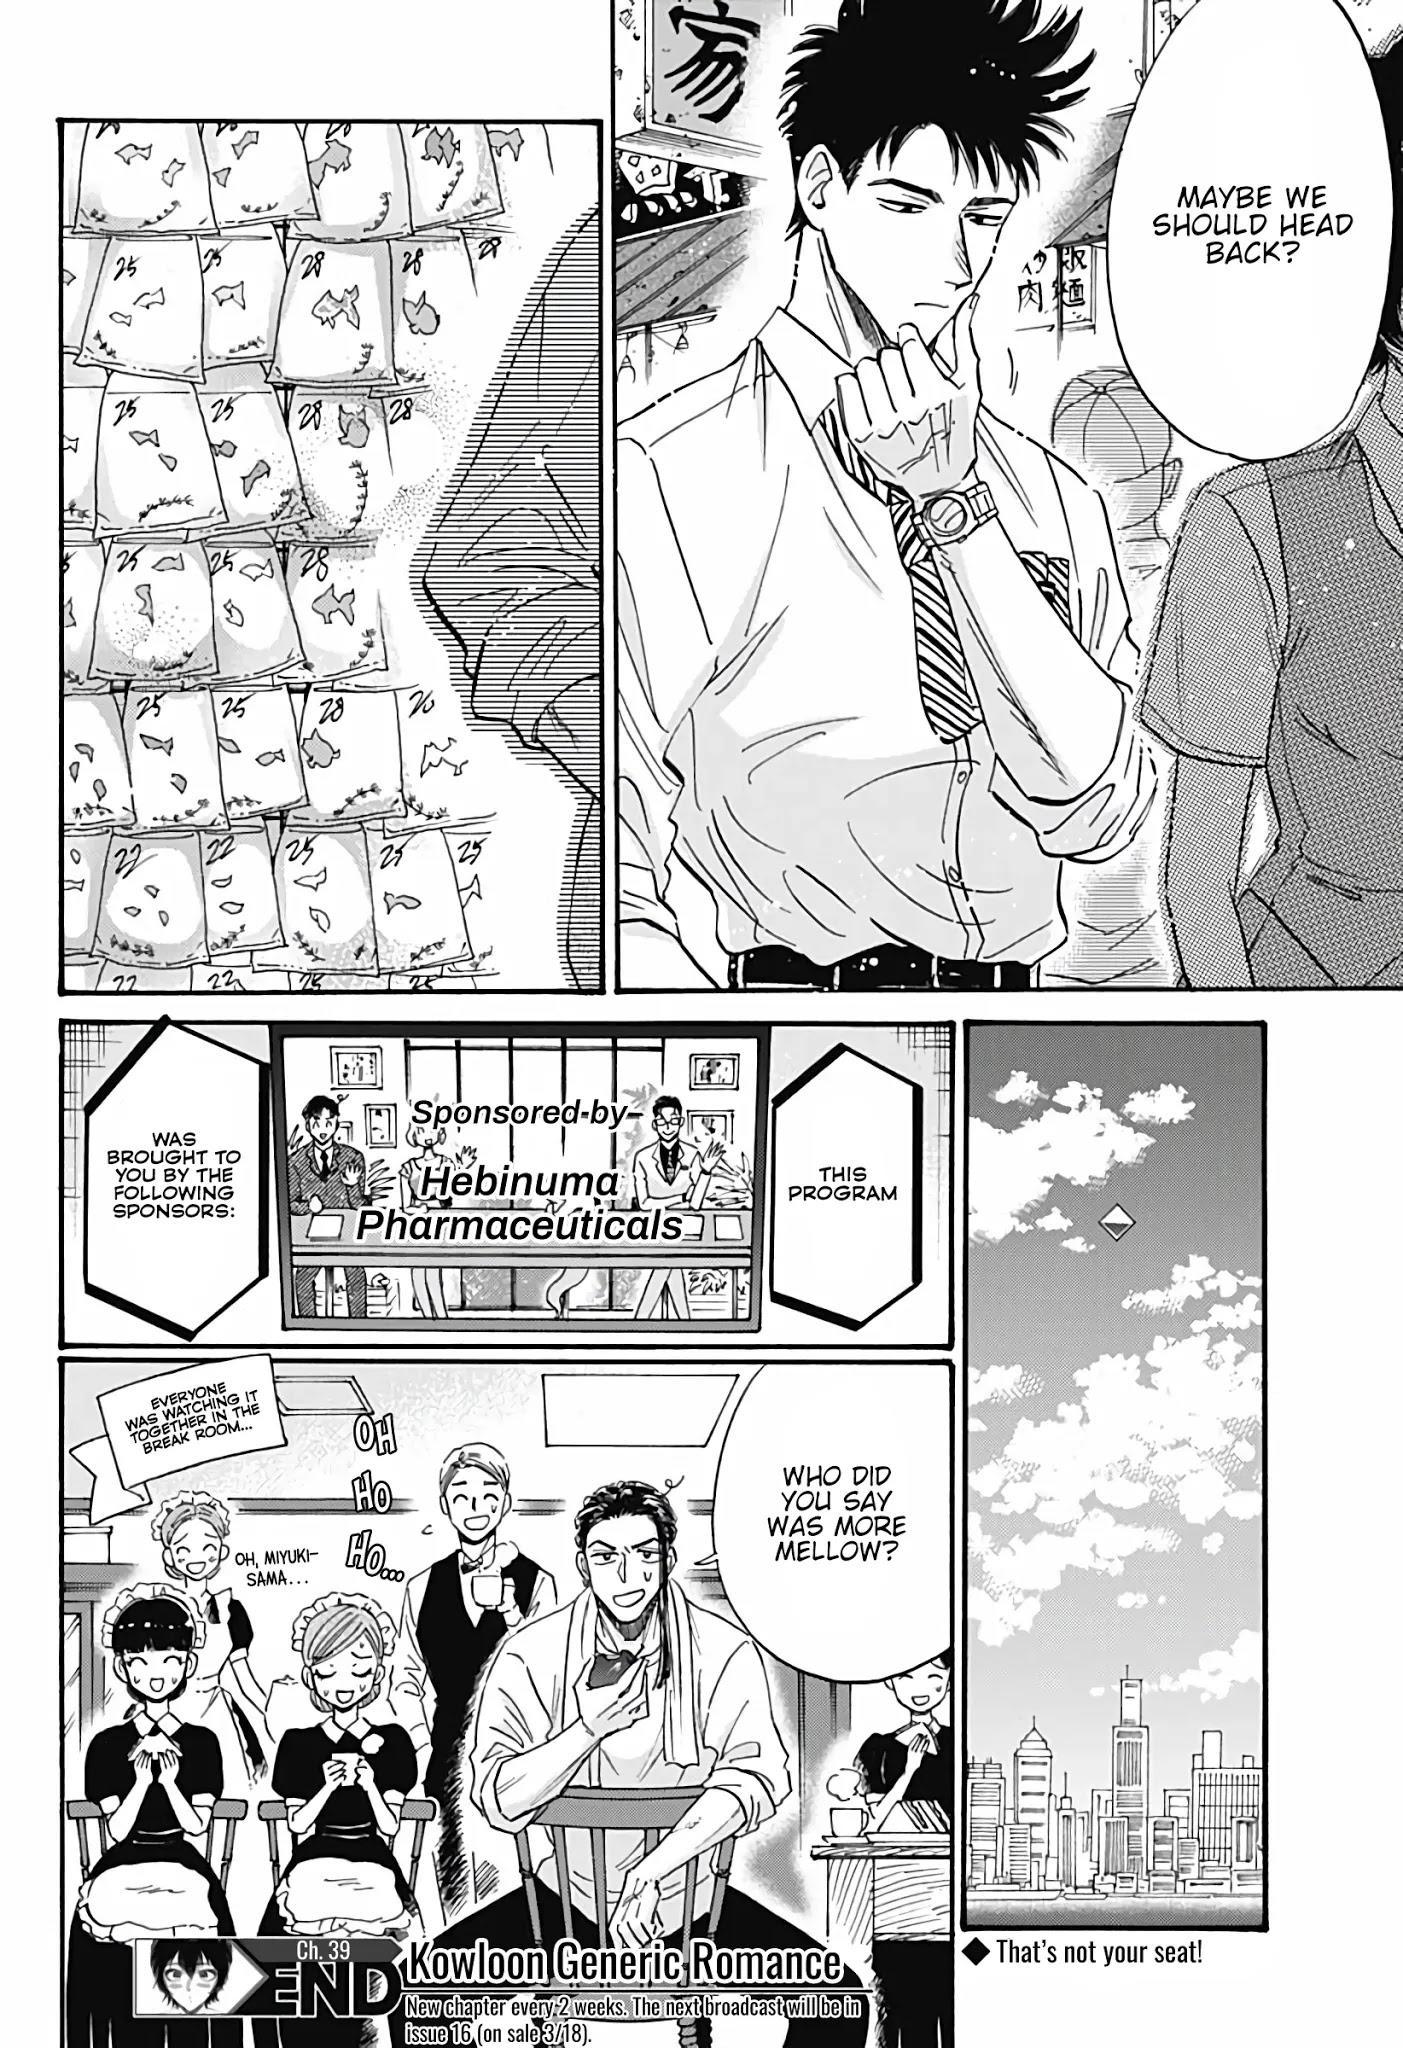 Kowloon Generic Romance Chapter 39 page 19 - Mangakakalots.com